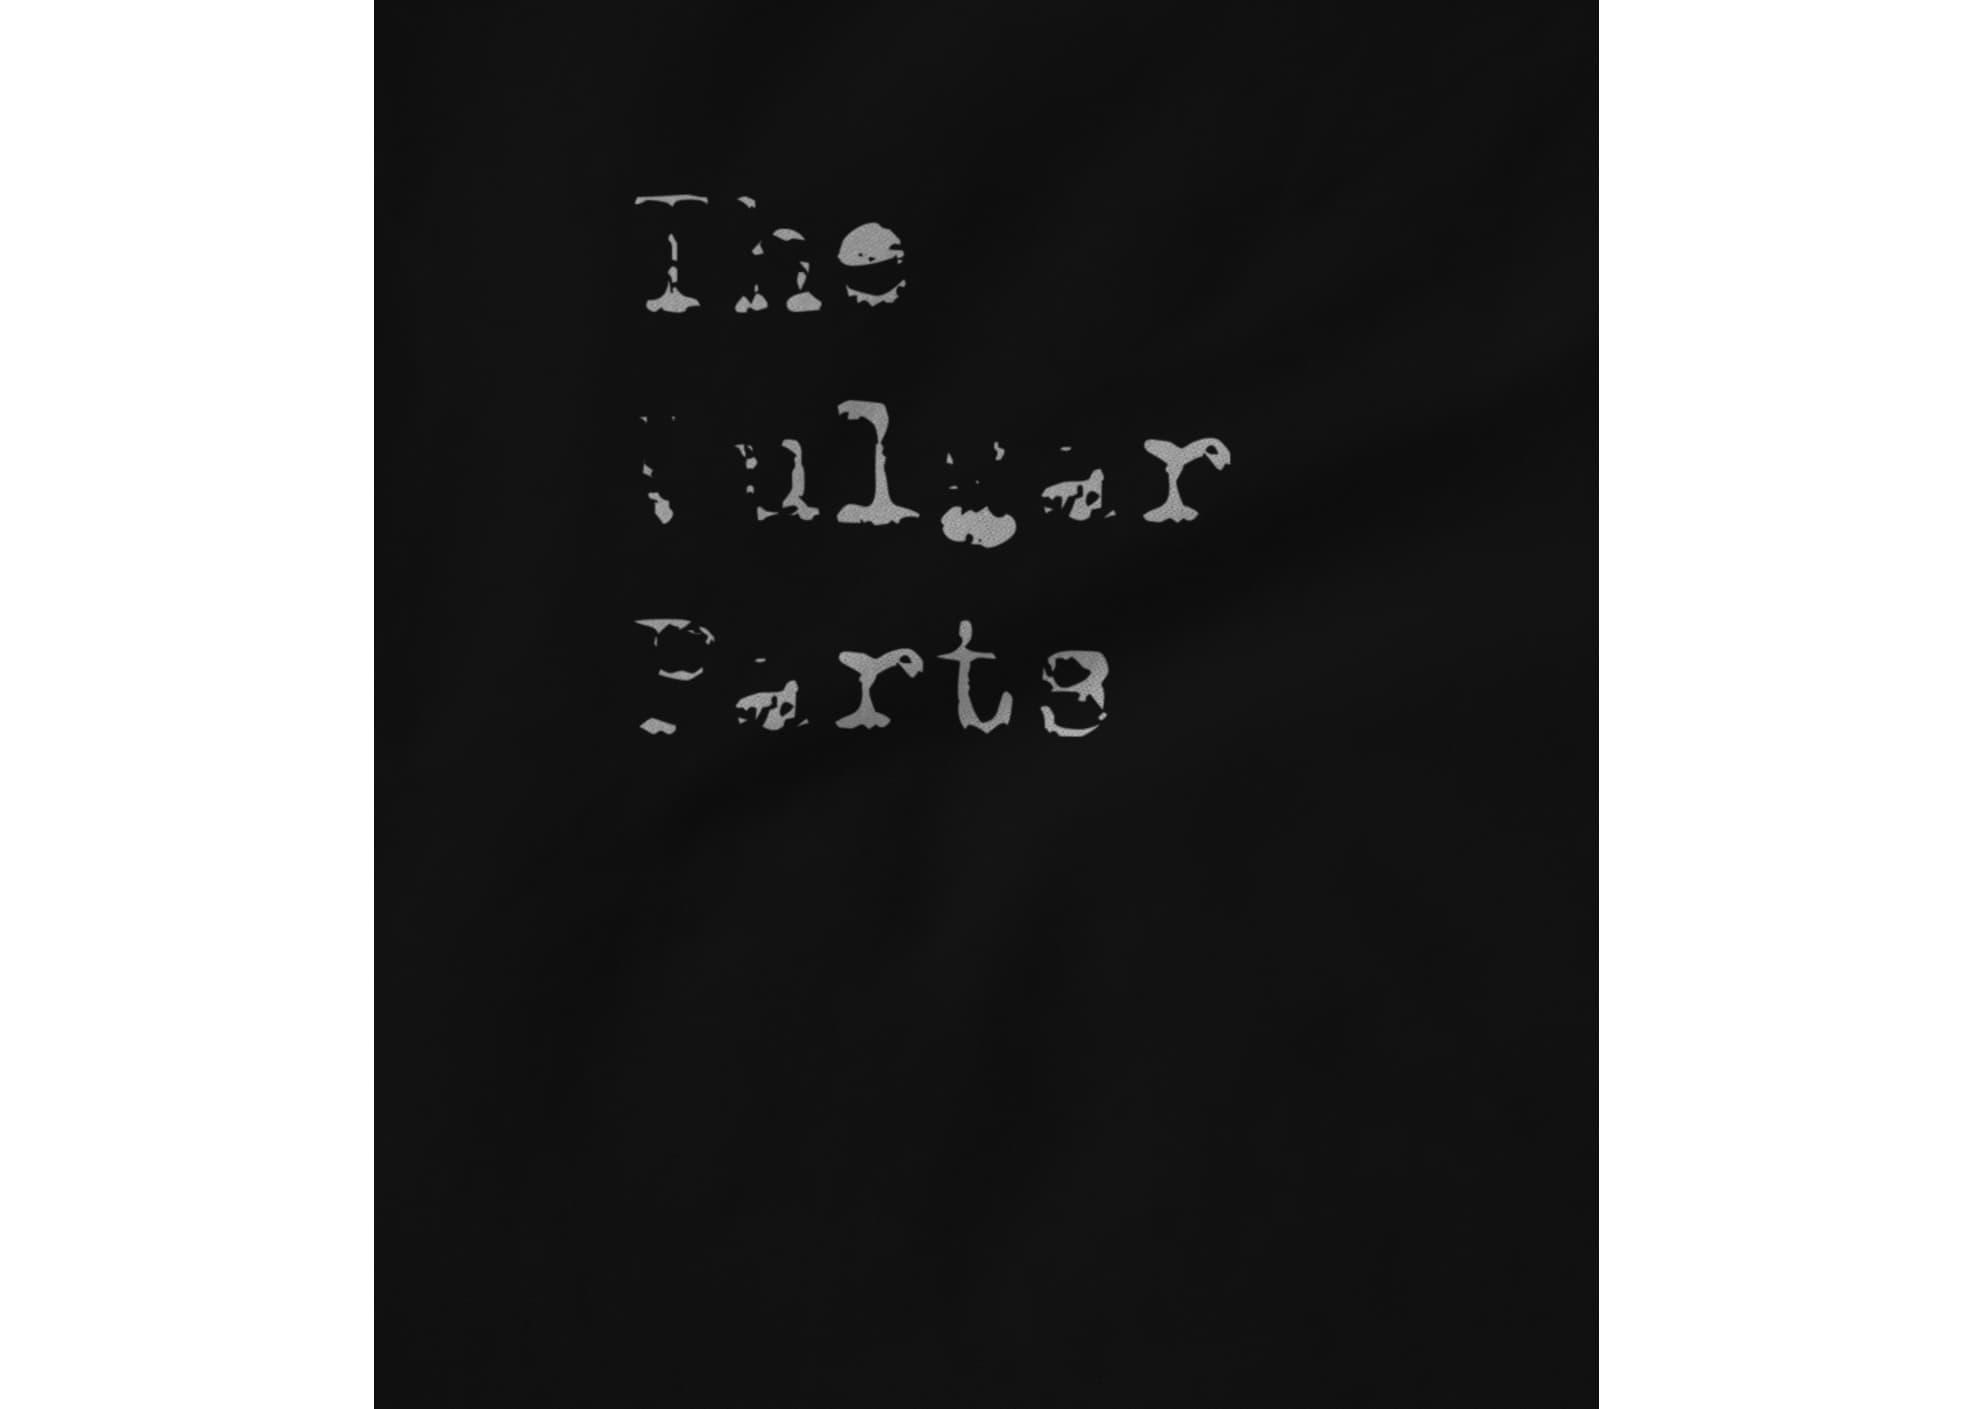 The vulgar parts v2 the vulgar parts v2 1619886421